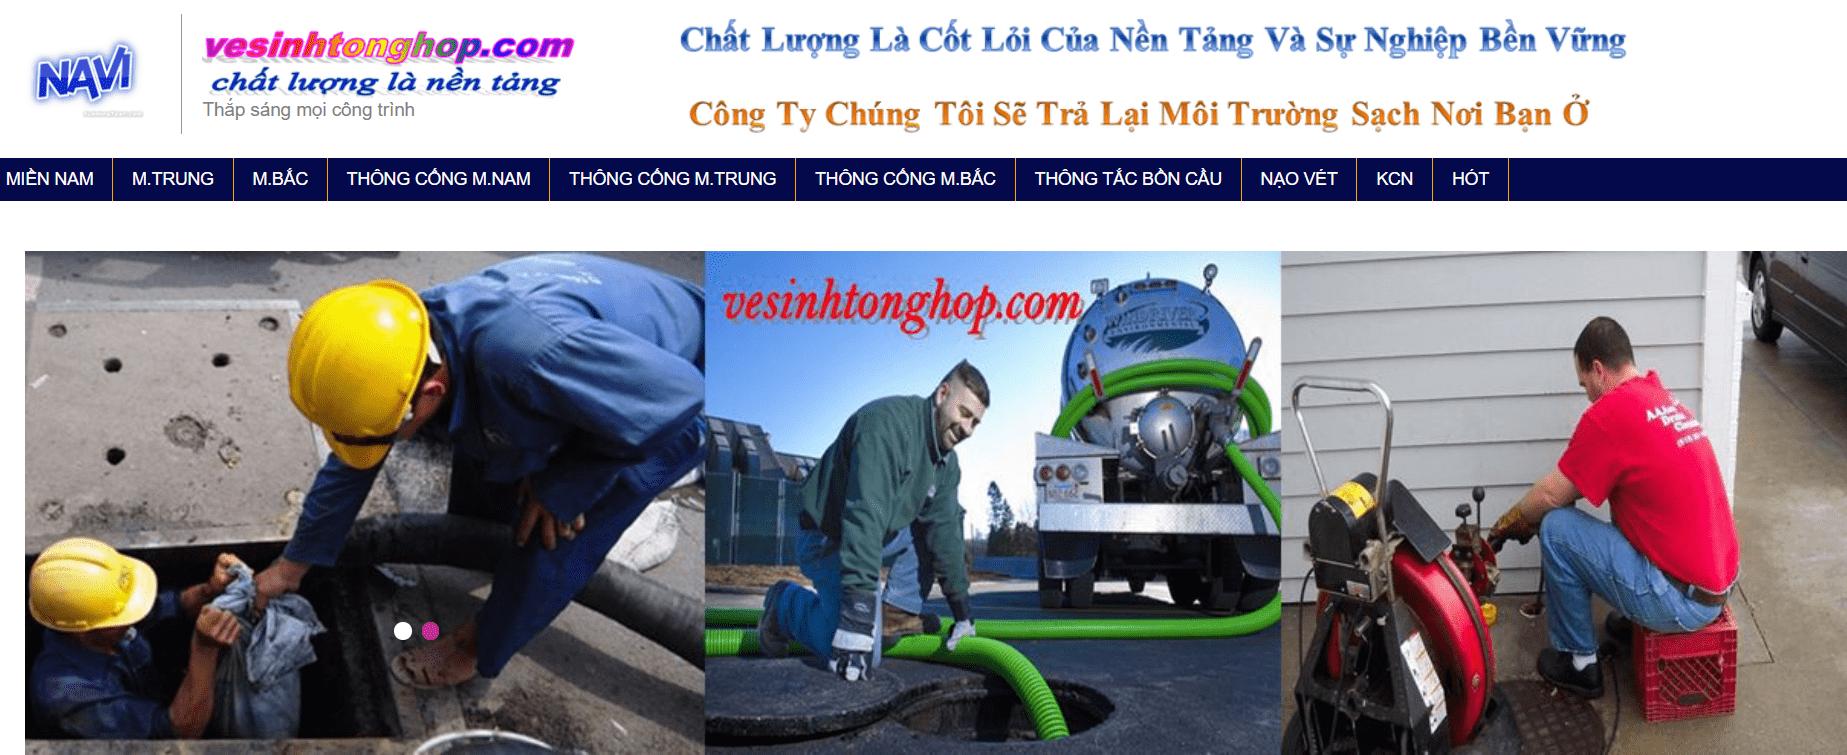 Thông cống nghẹt Biên Hòa - Đồng Nai